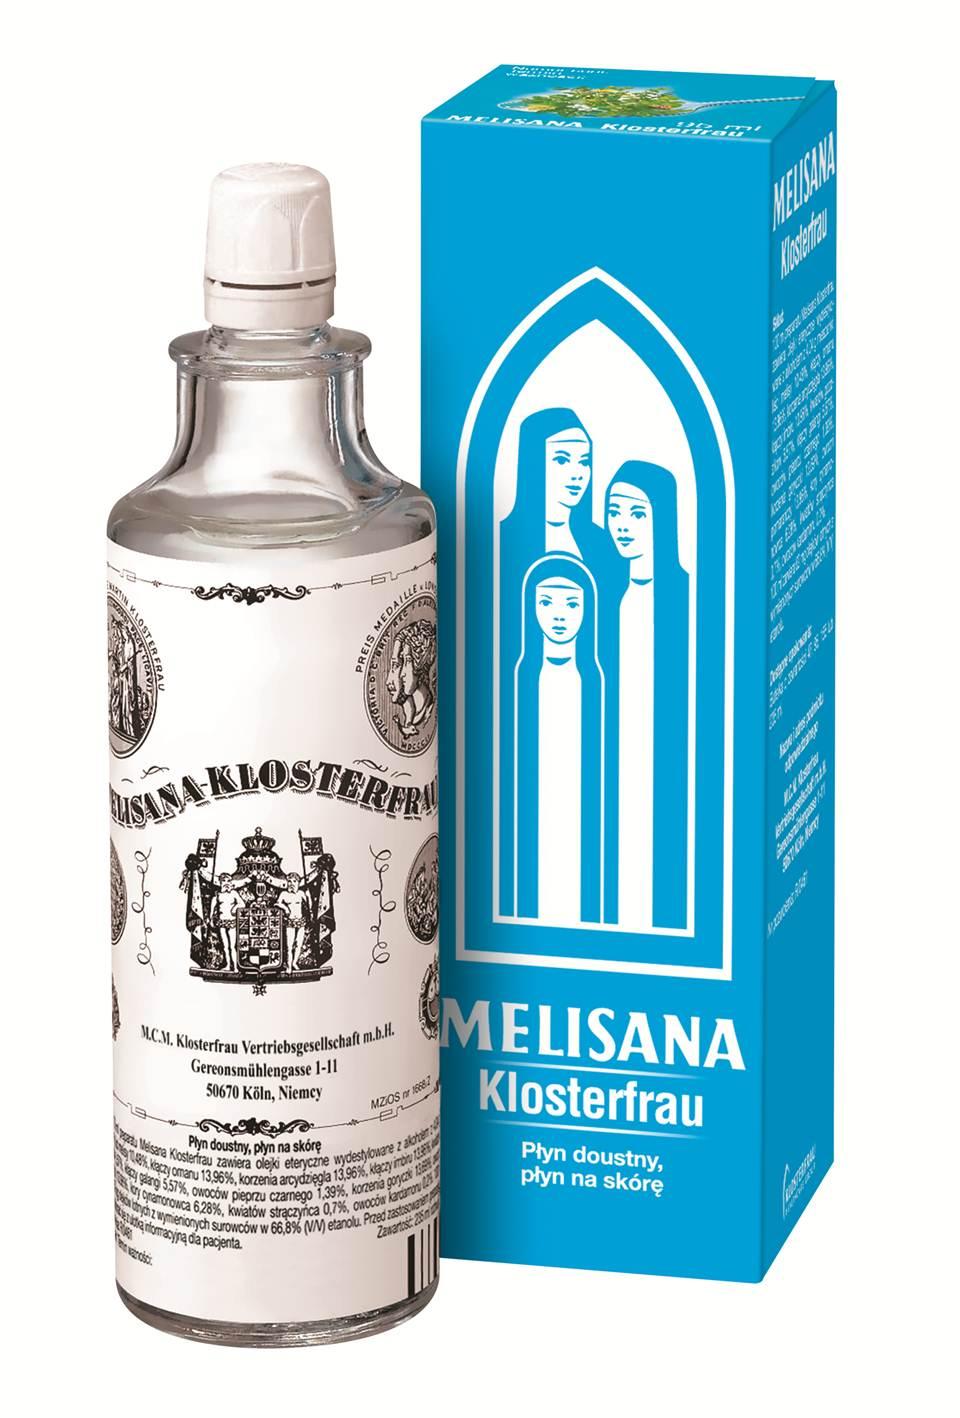 Melisana Klosterfrau Wyspa Kobiet